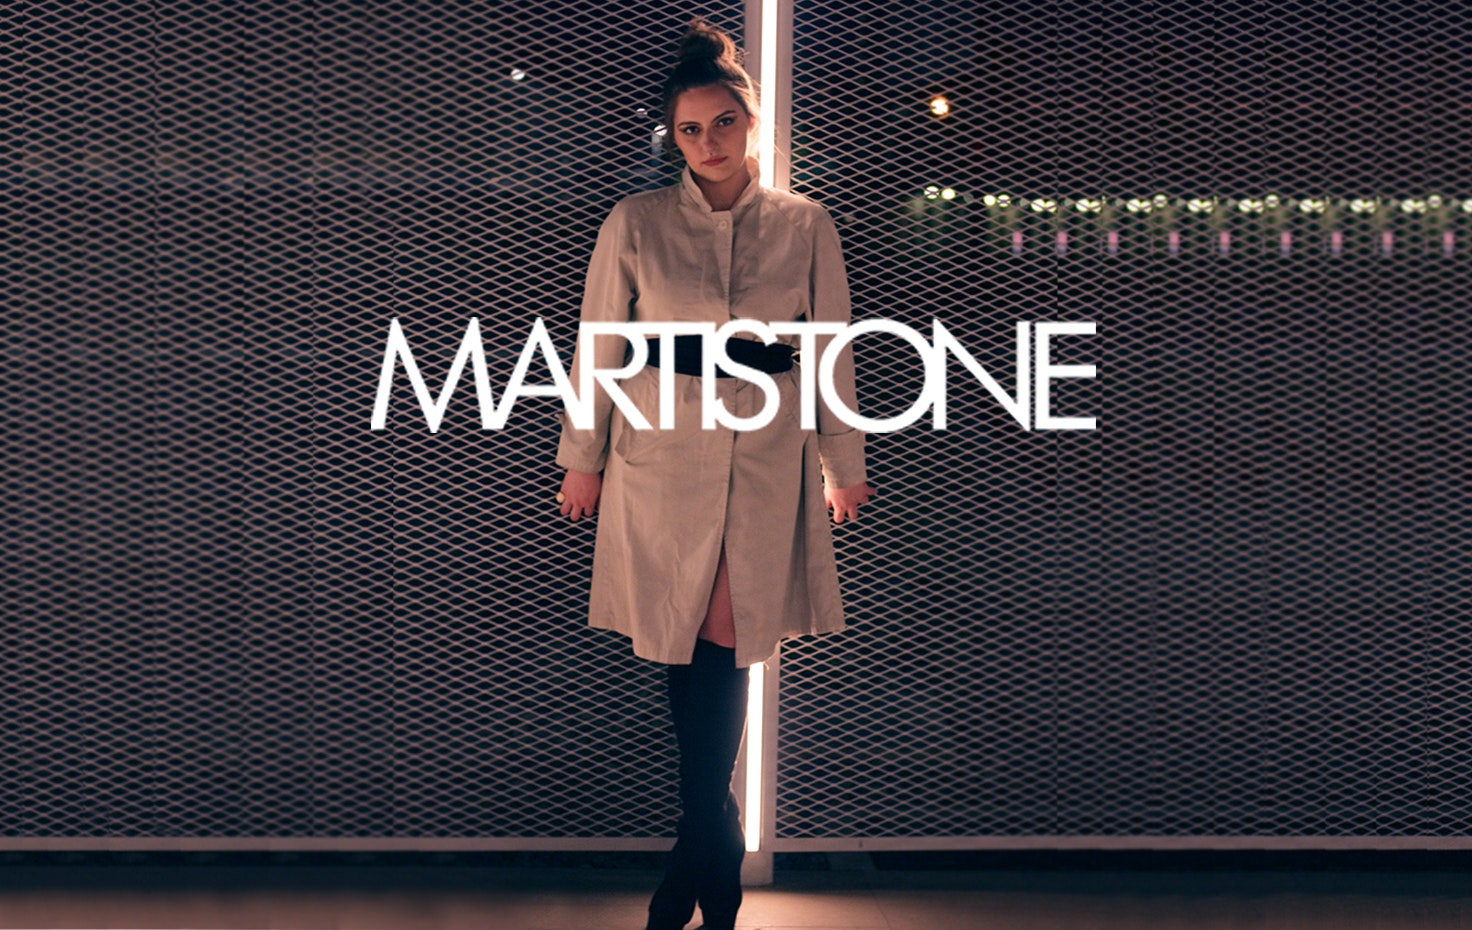 MARTI STONE